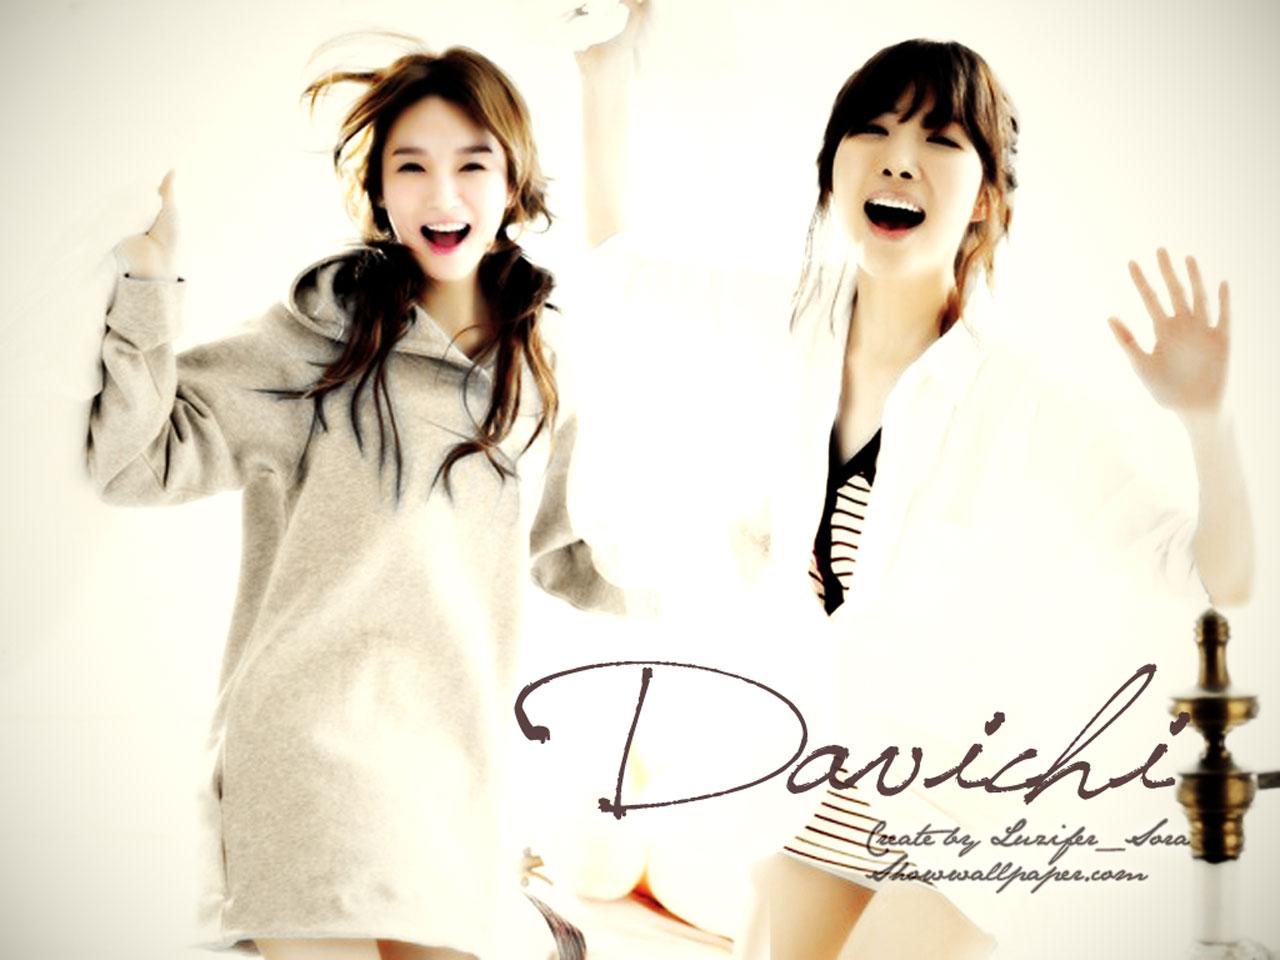 http://2.bp.blogspot.com/-5La3aHeptLE/UFLJMIH9fHI/AAAAAAAAAWA/Oh_wSKqgrdI/s1600/Davichi-Wallpaper-6.jpg